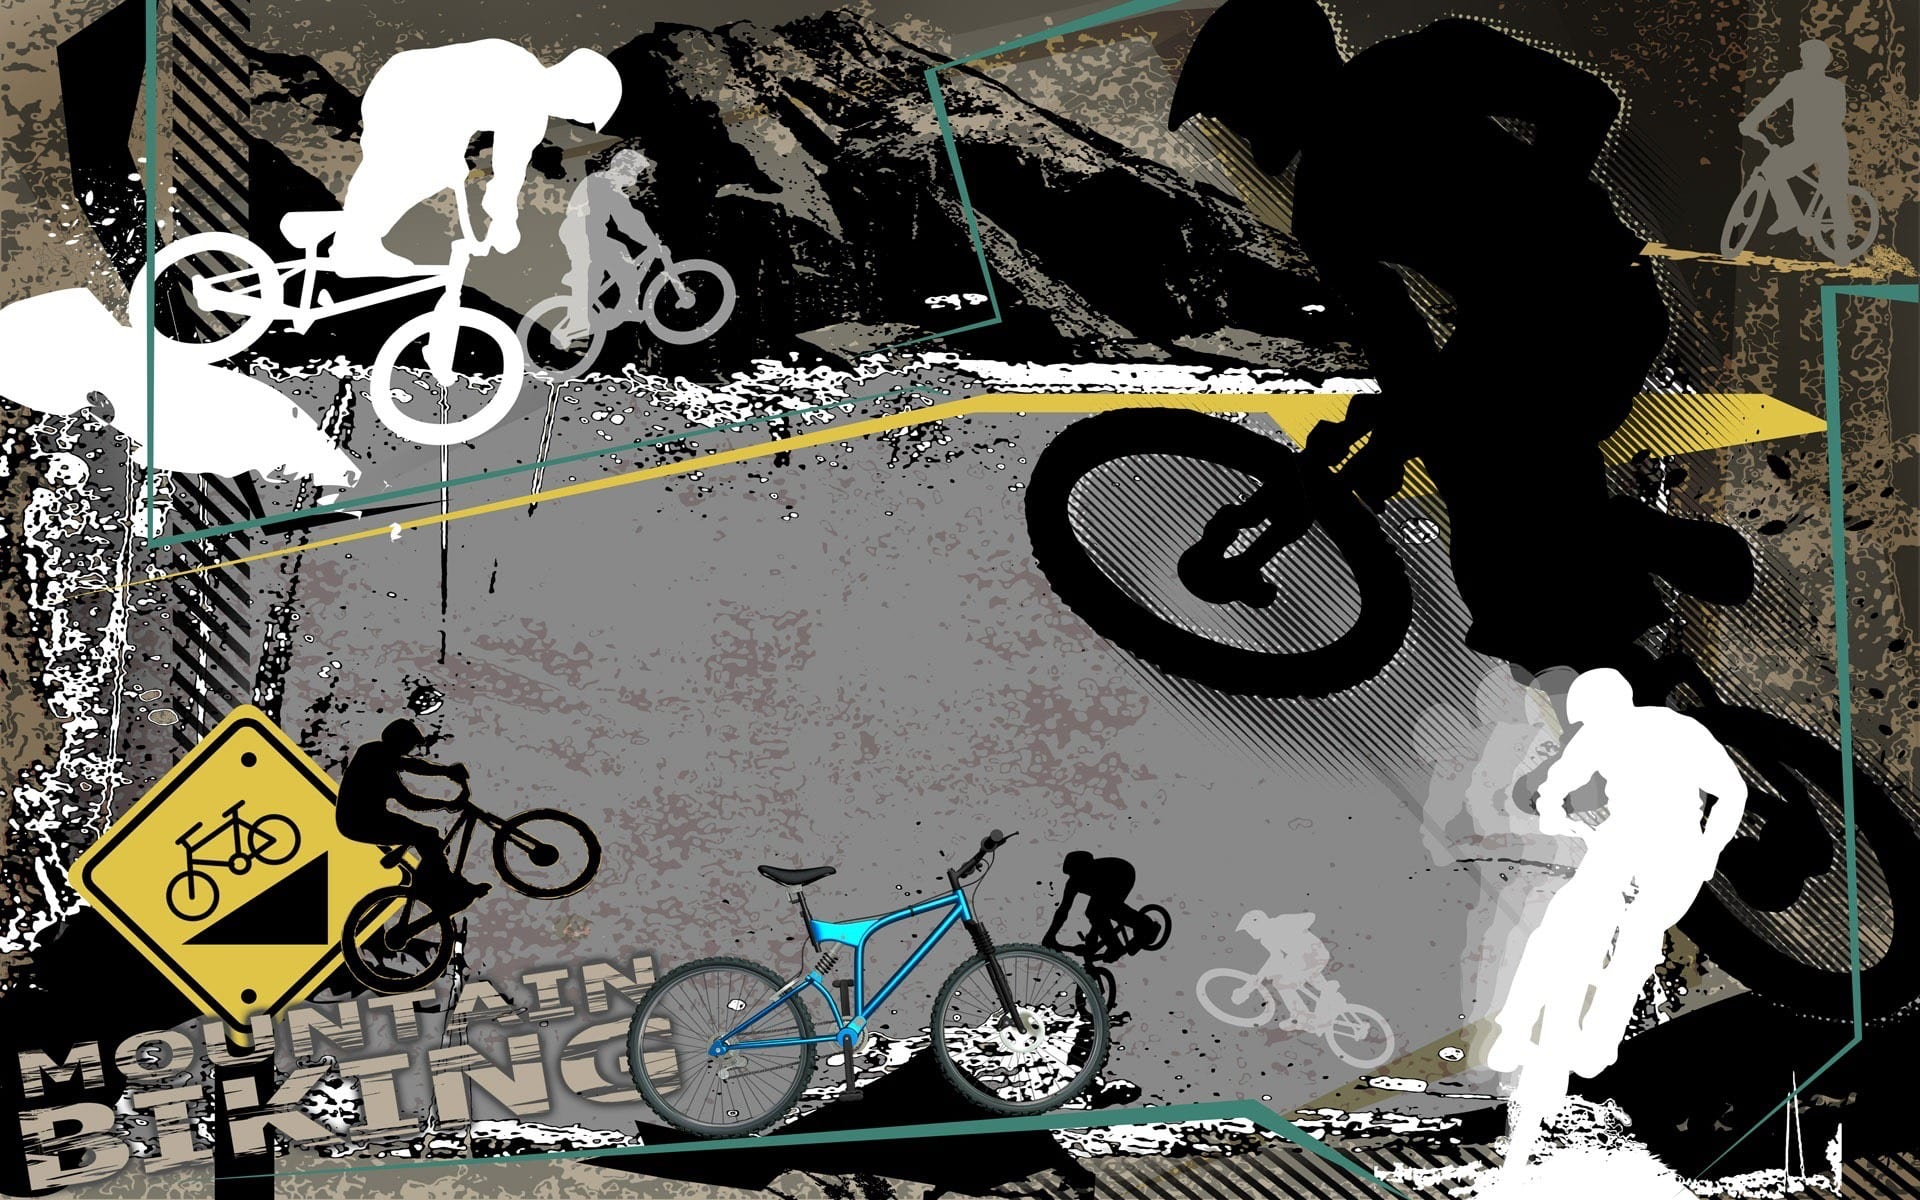 Los Fondos De Pantalla Animados Deportes Para Android: Fondos De Pantalla De Deportes Para Android